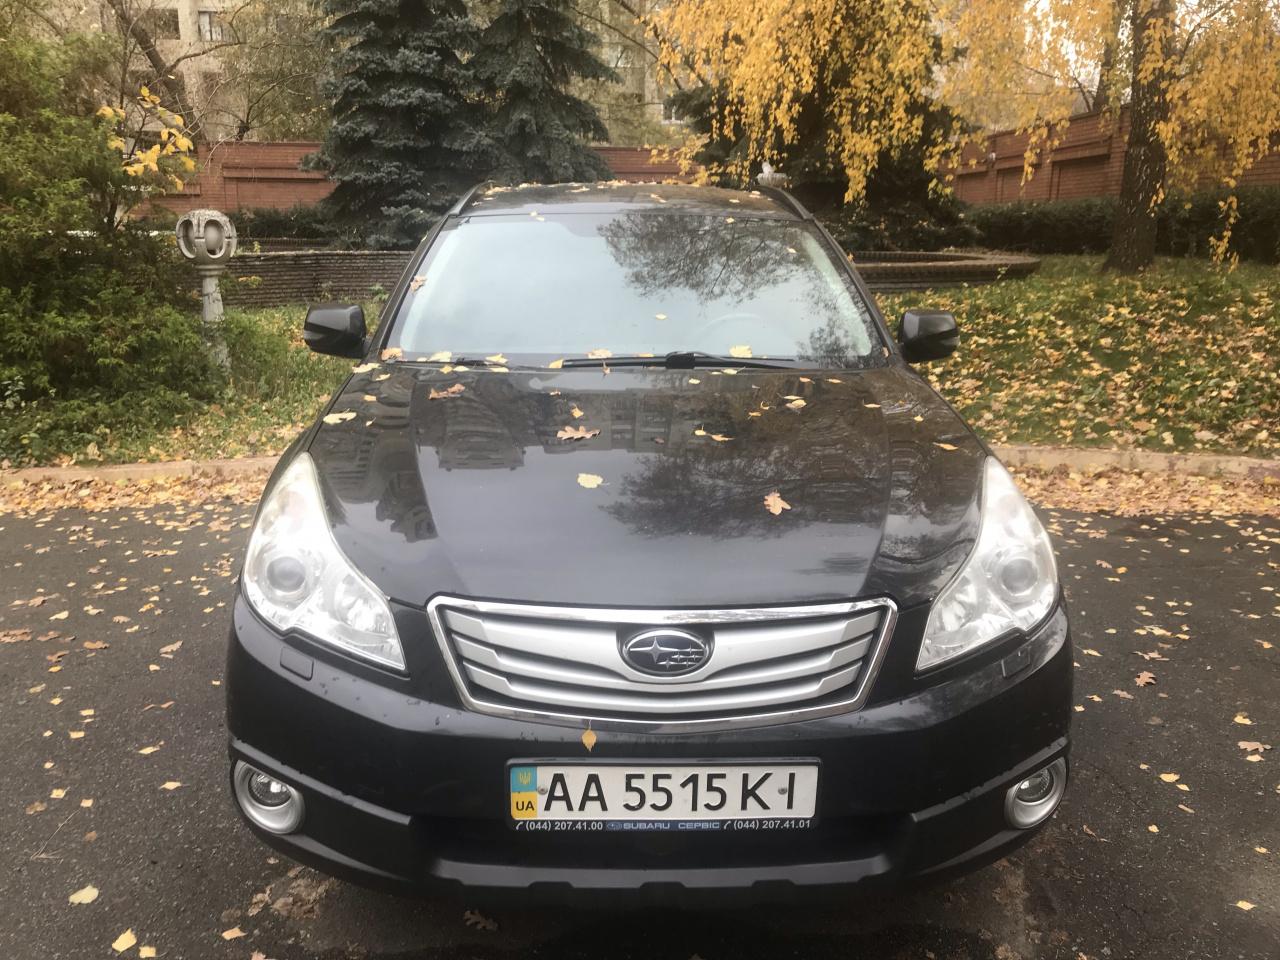 Автомобіль легковий Subaru Outback, Універсал-В, рік випуску 2011, JF1BR9L95BG069098, об`єм двигуна 2457, державний номер AA 5515 КІ